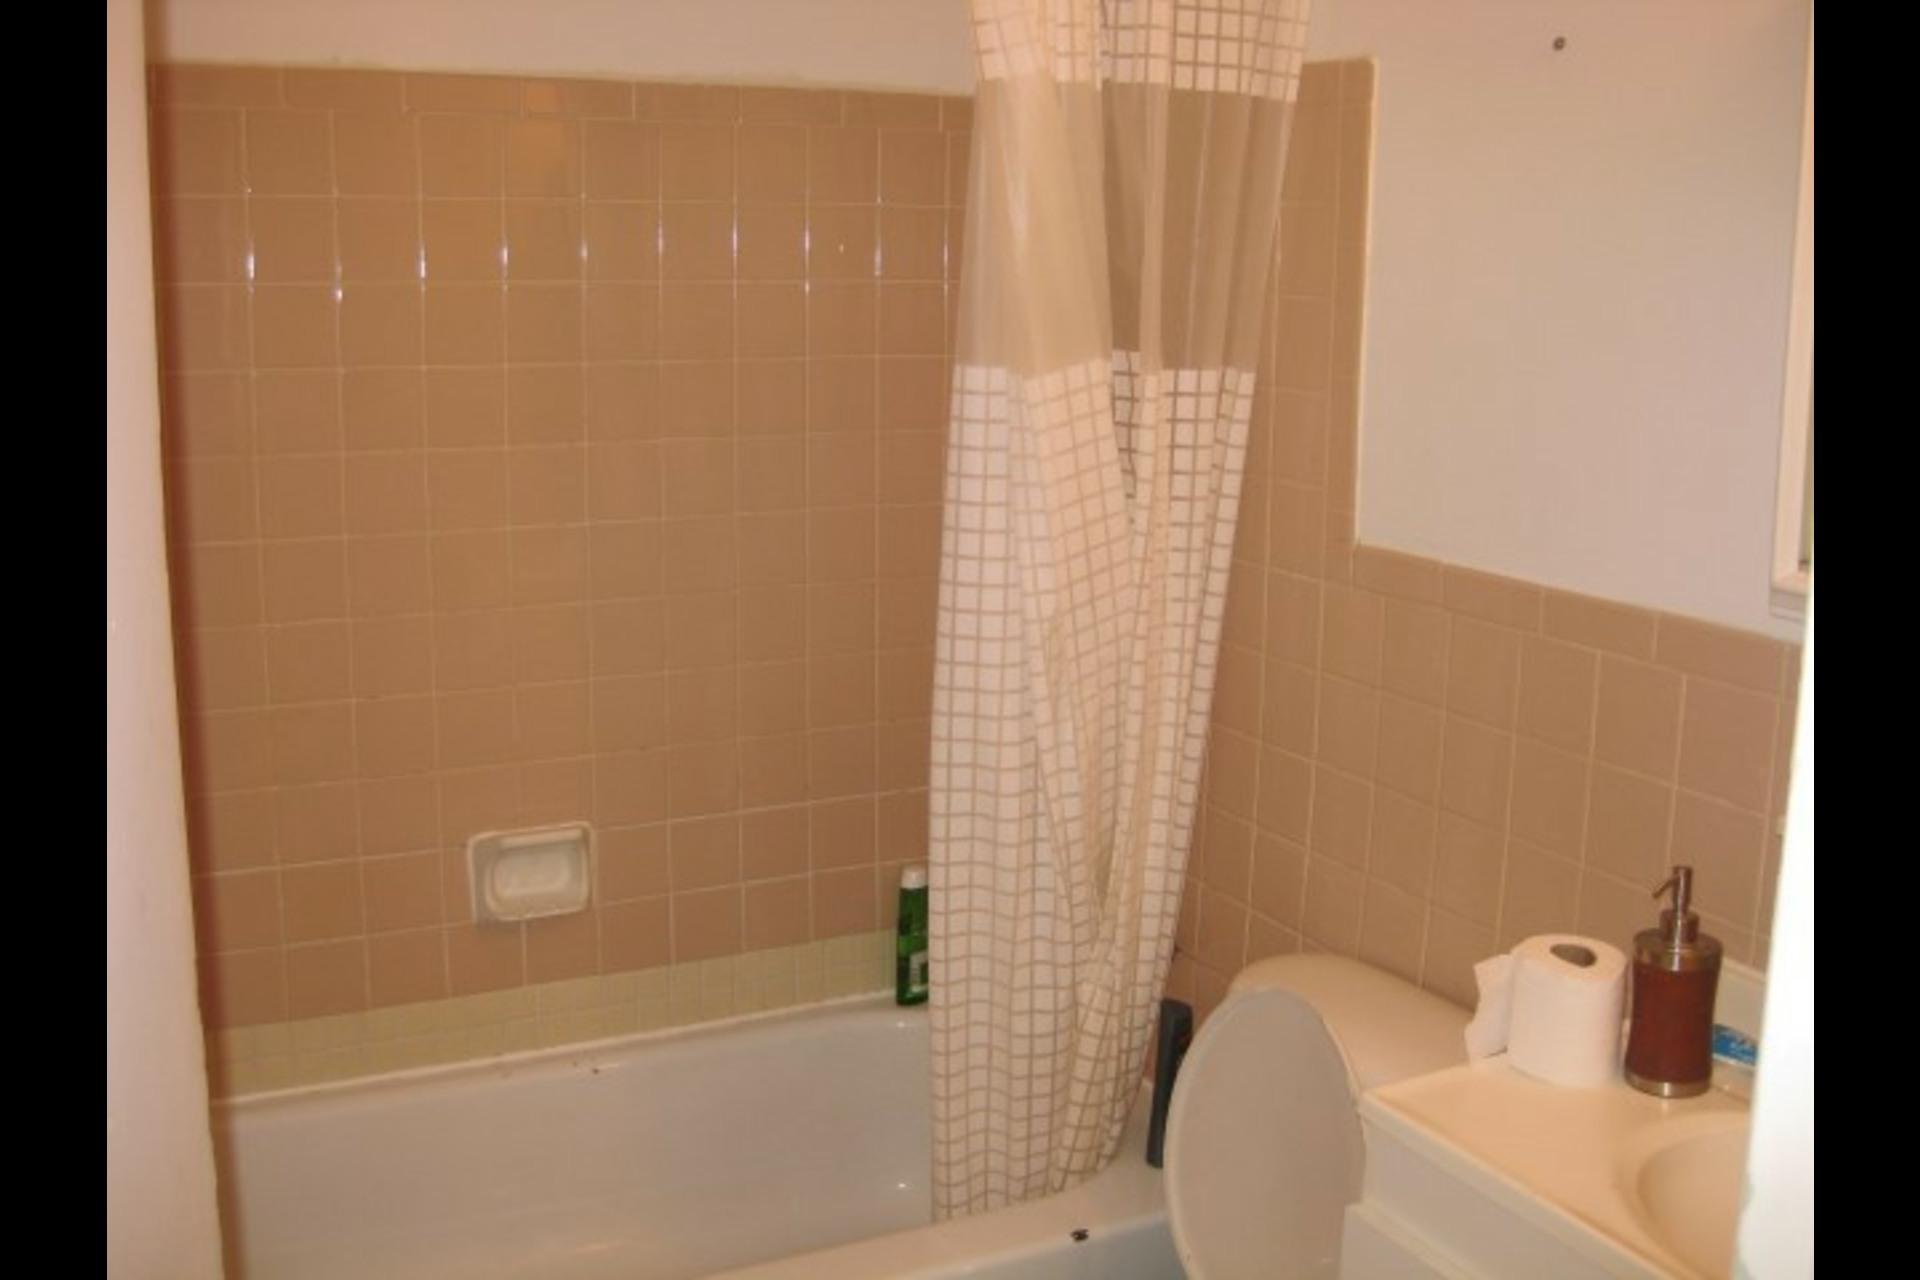 image 2 - Appartement À louer Montréal Montréal-Nord - 2 pièces